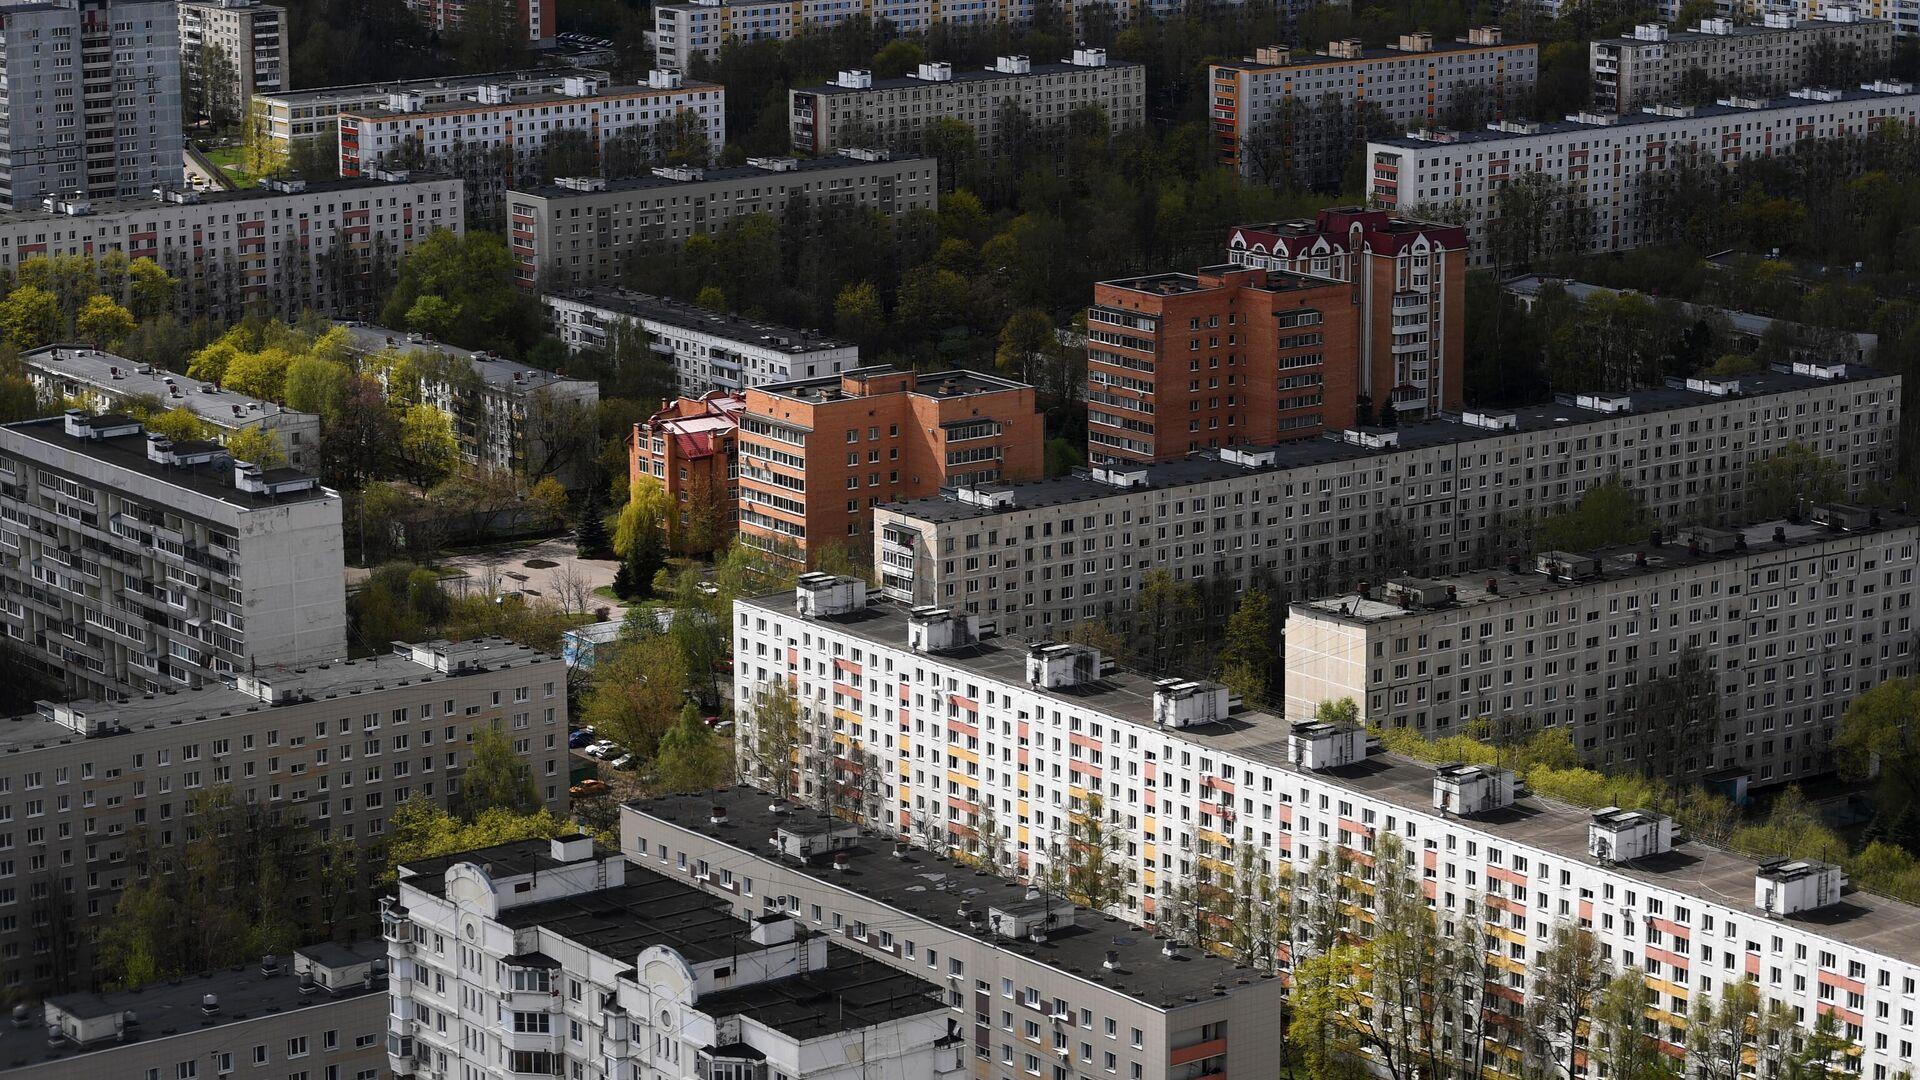 Жилые дома в одном из районов Москвы - РИА Новости, 1920, 02.07.2021